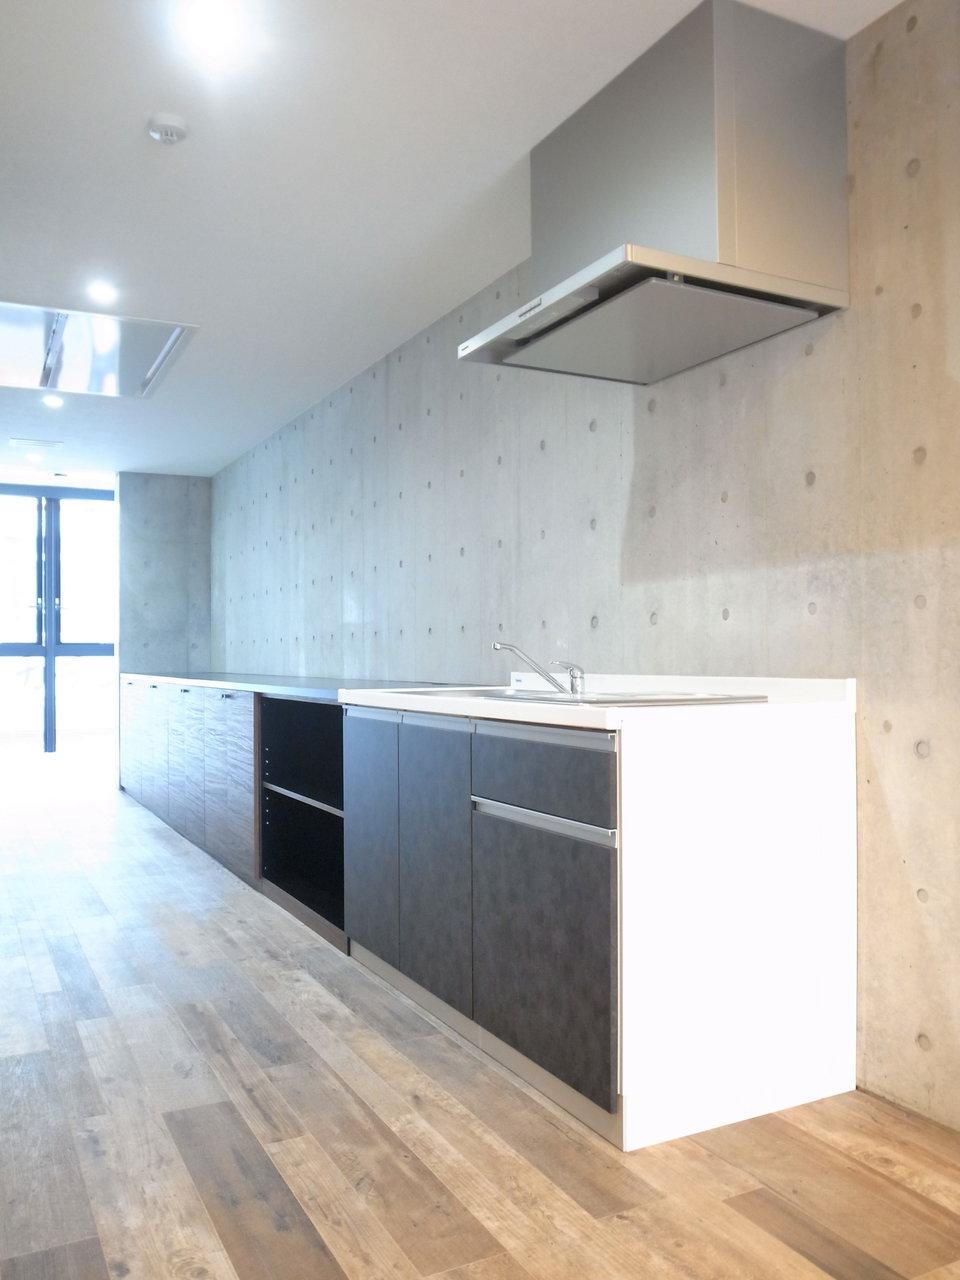 壁沿いにあるキッチンは、広々シンクと2口コンロ付き。その先に広がる場所はすべて収納棚になっています。